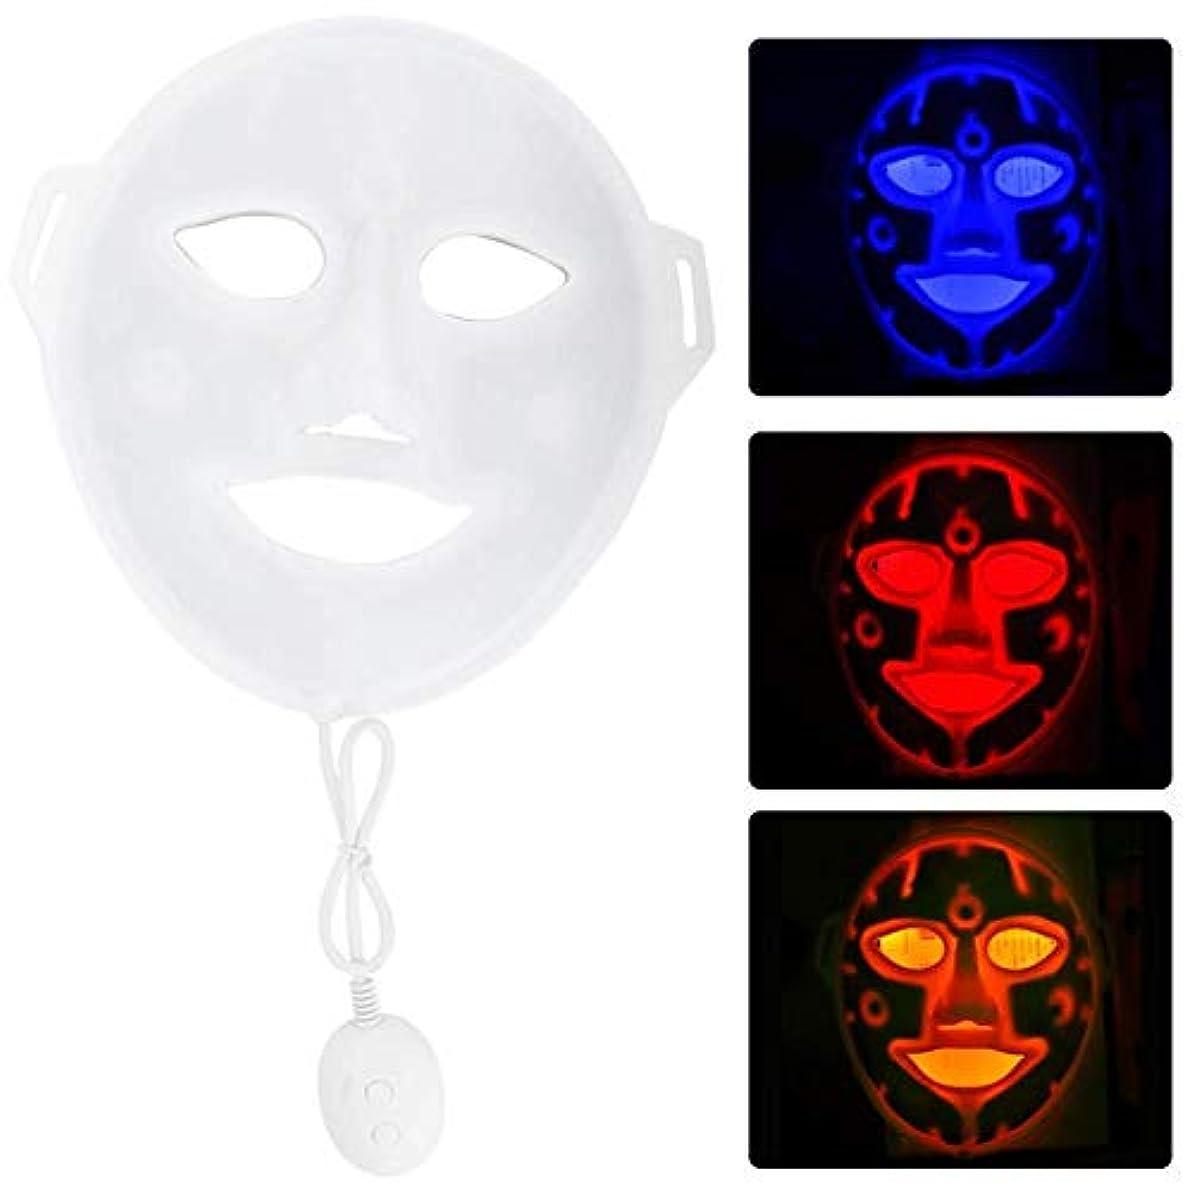 オフ百科事典前投薬3色はマスクの顔の皮療法機械反老化の電気マスクの表面処置の美用具を導きました